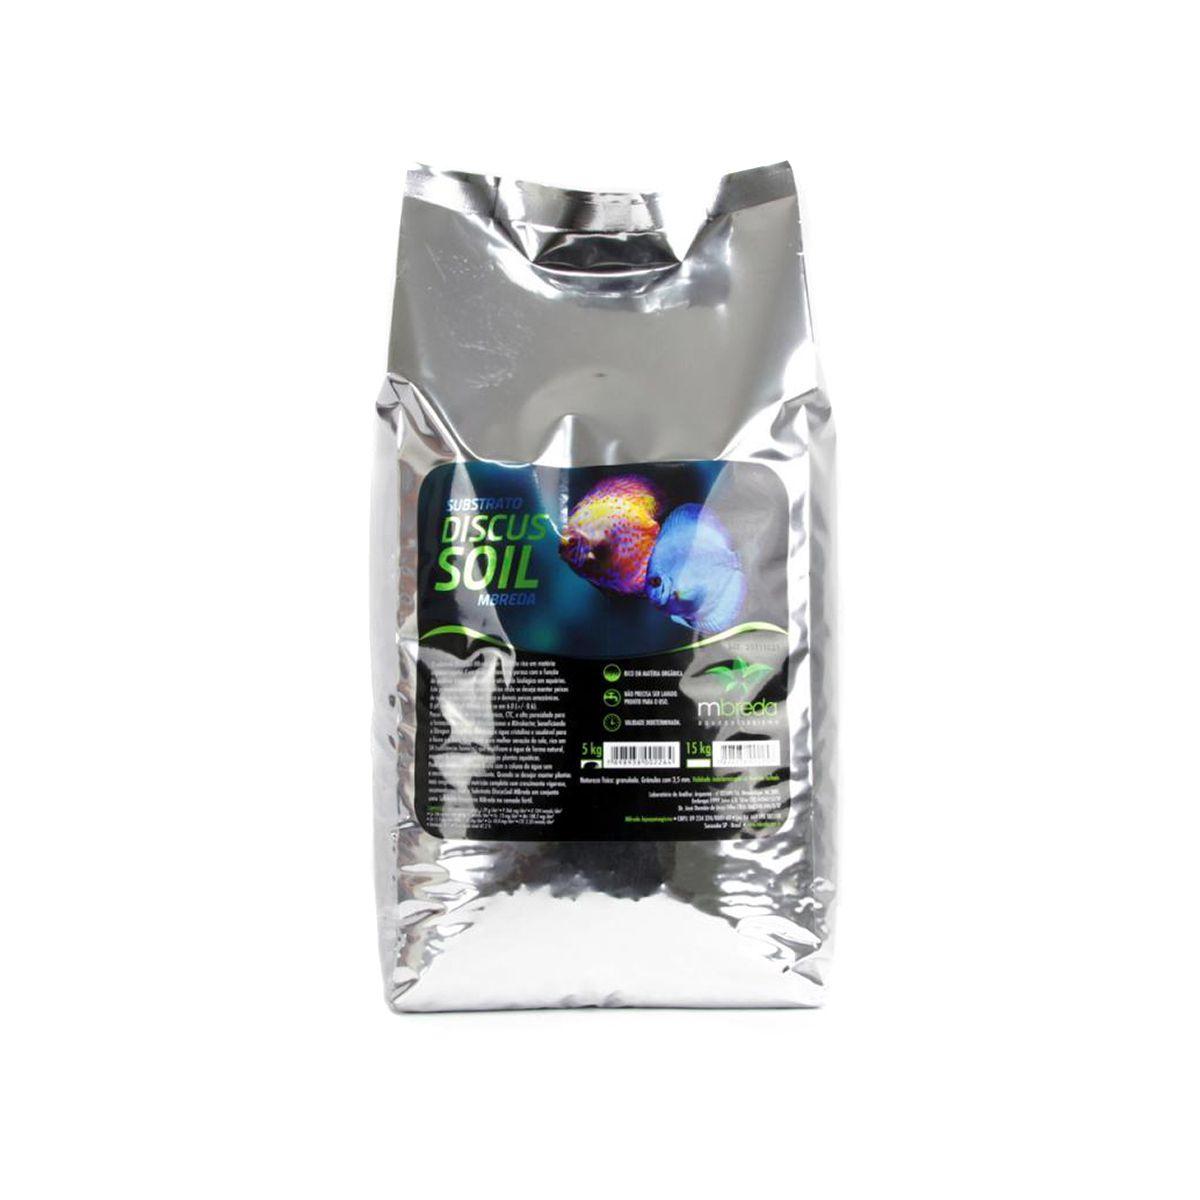 Mbreda Substrato Discus Soil 5kg P/ Acará Disco + Brinde